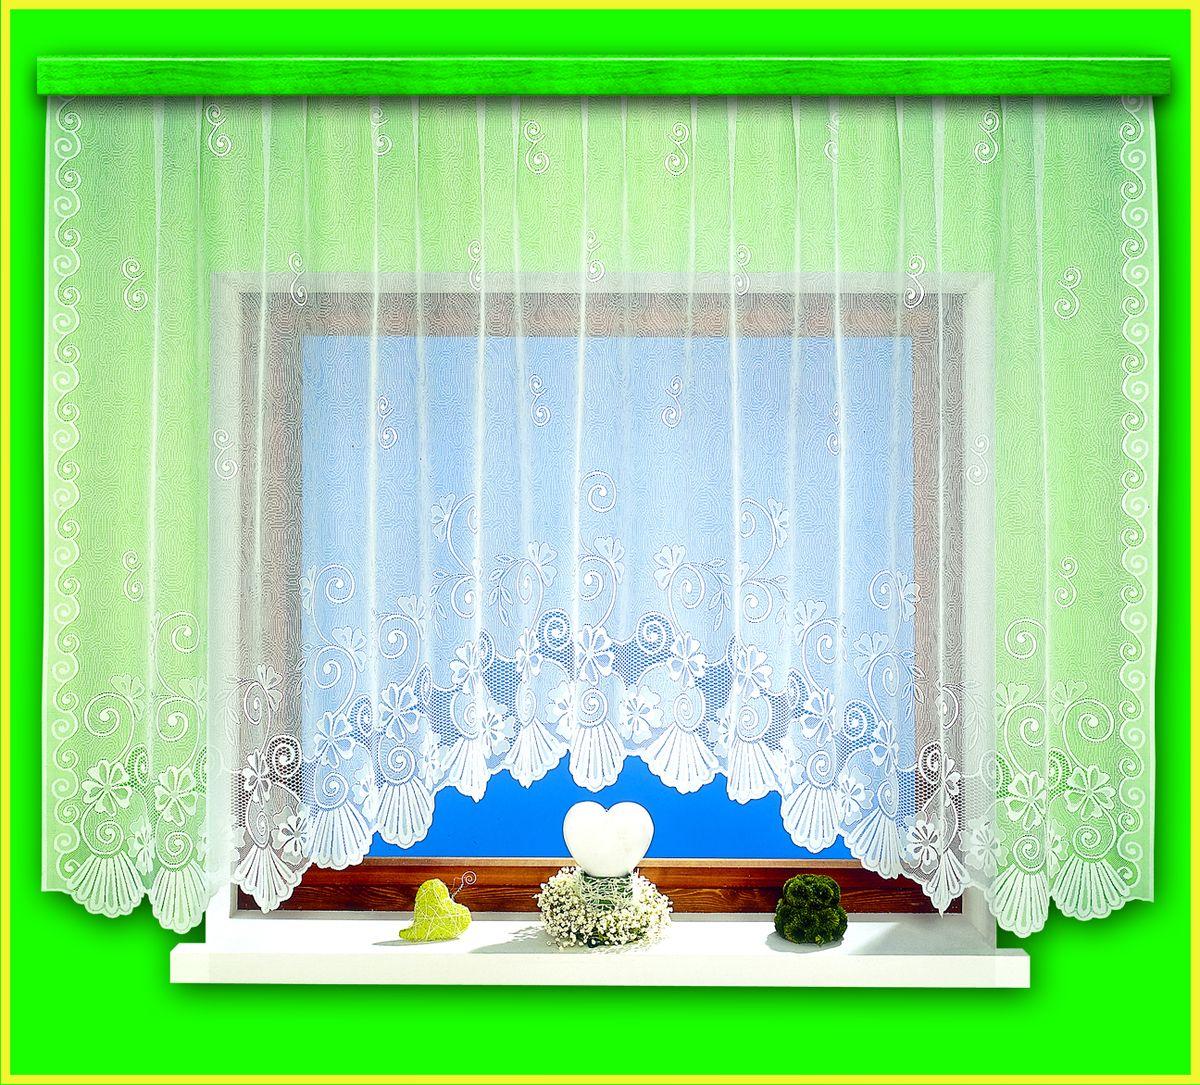 Гардина для кухни Haft Magia Wzorow, на ленте, цвет: белый, высота 160 см. 94090/160335WВоздушная гардина Haft Magia Wzorow, изготовленная из полиэстера белого цвета, станет великолепным украшением любого окна. Оригинальный цветочный орнамент, украшающий нижний край гардины, и нежная ажурная фактура материала привлекут к себе внимание и органично впишутся в интерьер комнаты. В гардину вшита шторная лента.Размер гардины: 160 см х 300 см.Главный ассортимент компании Haft - это тюль и занавески. Haft предлагает готовые решения для ваших окон, выпуская готовые наборы штор, которые остается только распаковать и повесить. Модельный ряд отличает оригинальный дизайн, высокое качество. Занавески, шторы, гардины Haft долговечны, прочны, практически не сминаемы, они не притягивают пыль и за ними легко ухаживать. Вся продукция бренда Haft выполнена на современном оборудовании из лучших материалов.